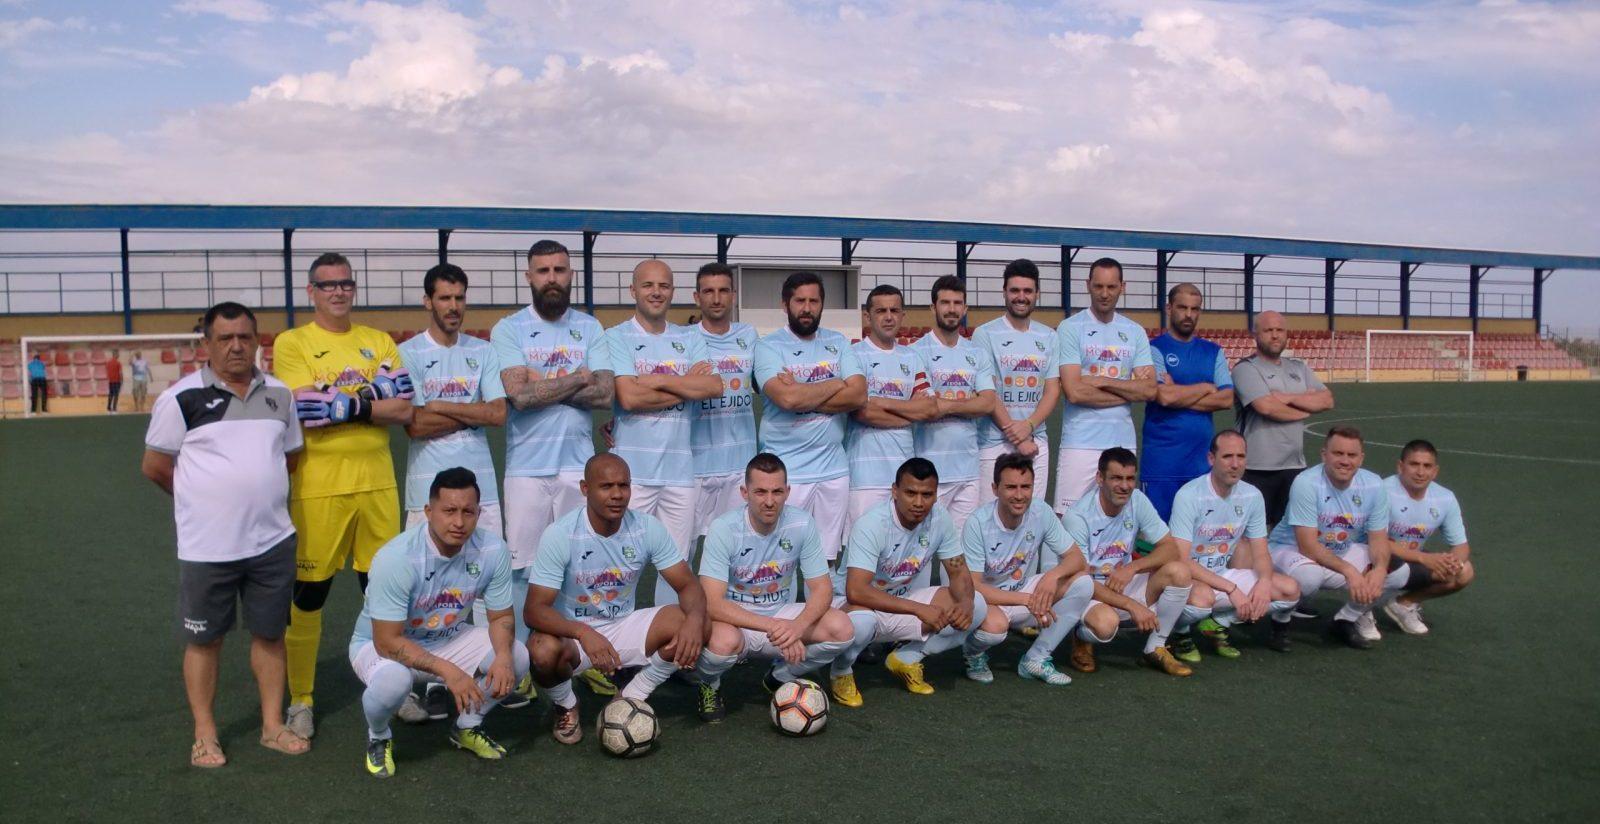 Los Veteranos del CD El Ejido finalistas del III Torneo Deportes Blanes en 2º división.